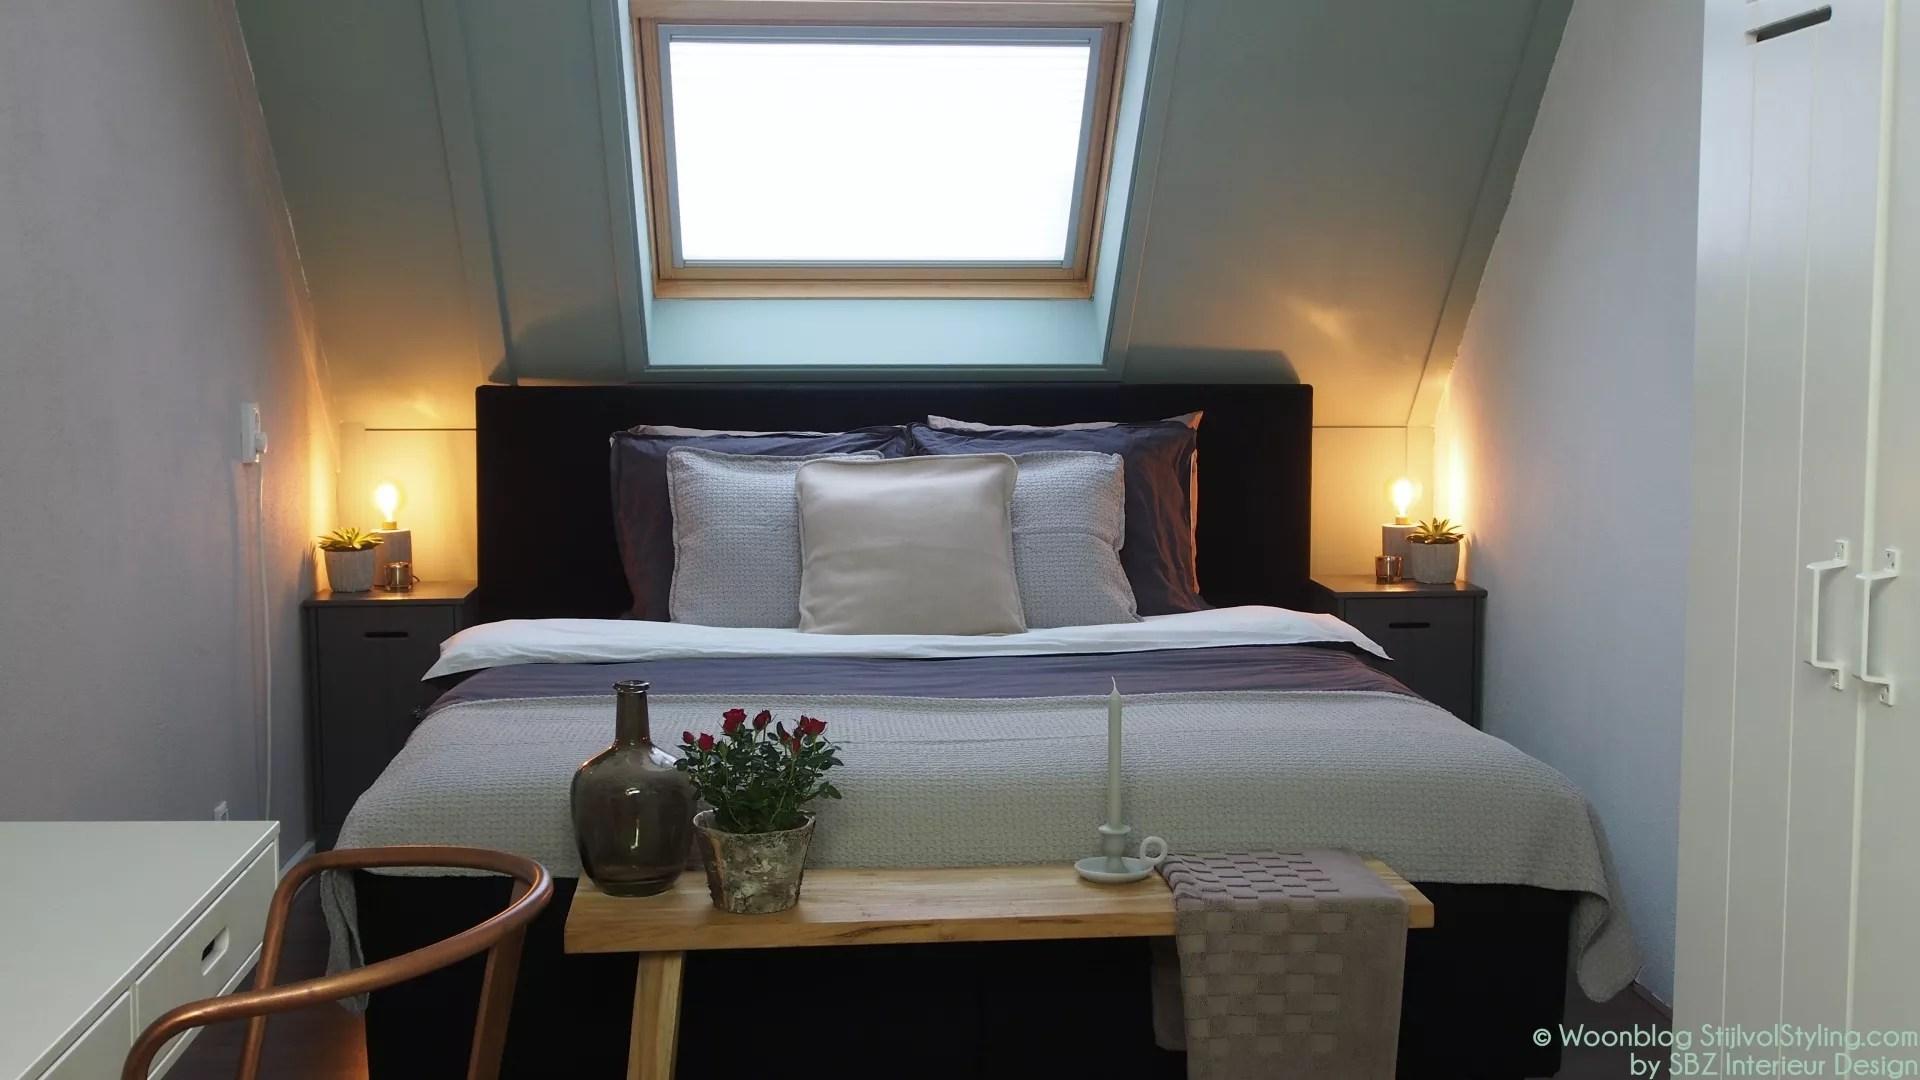 interieur slaapkamer op zolder stijlvol styling woonblog voel je thuis